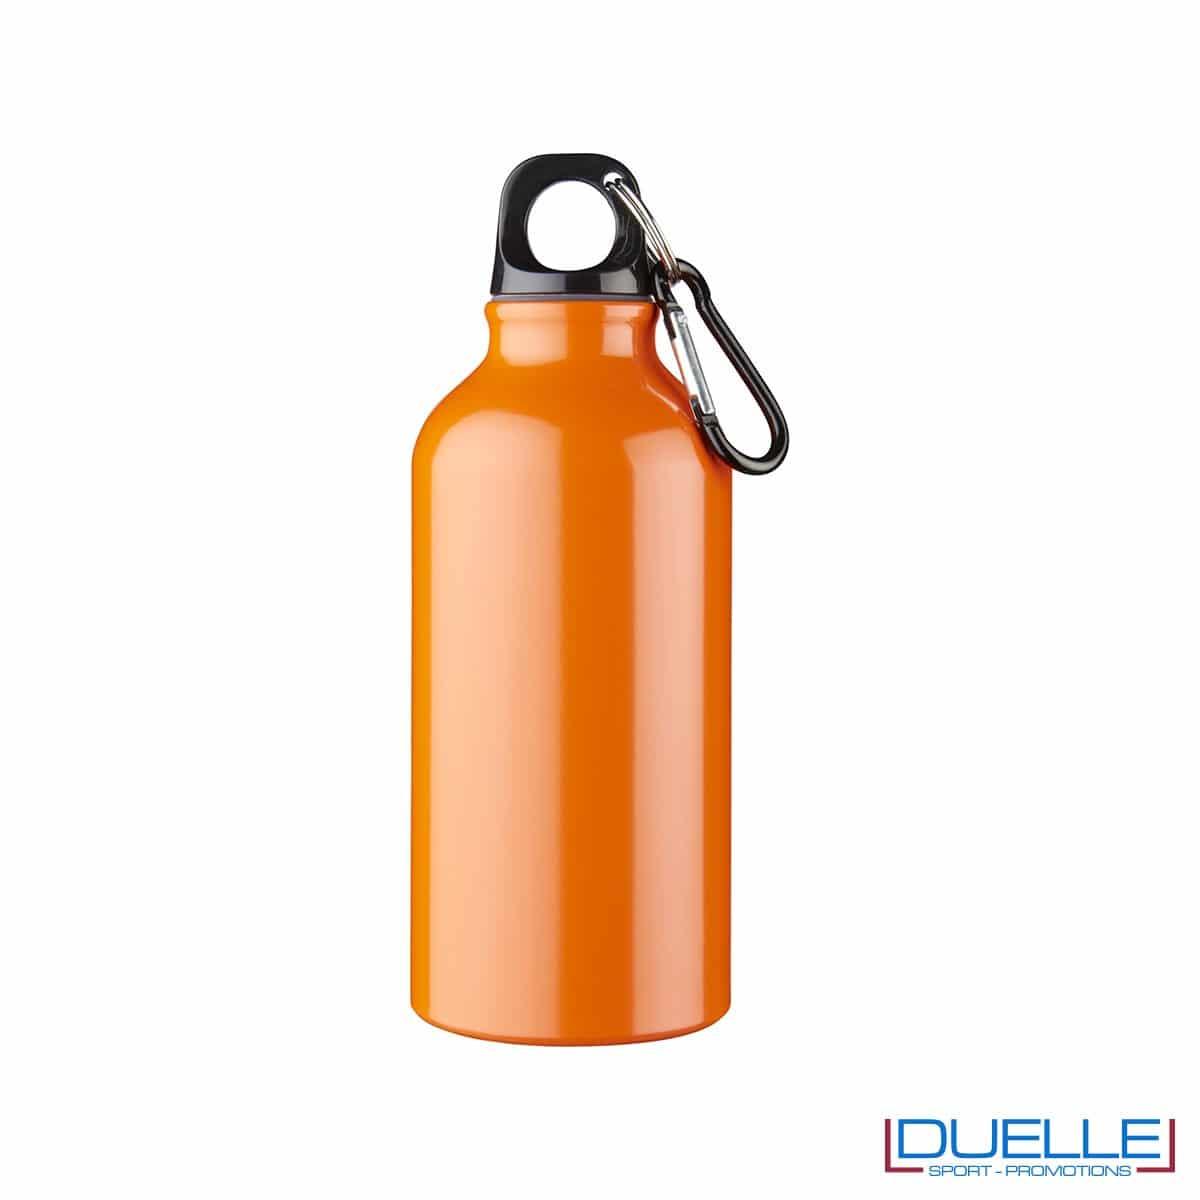 Borraccia personalizzata in alluminio anodizzato colore arancione